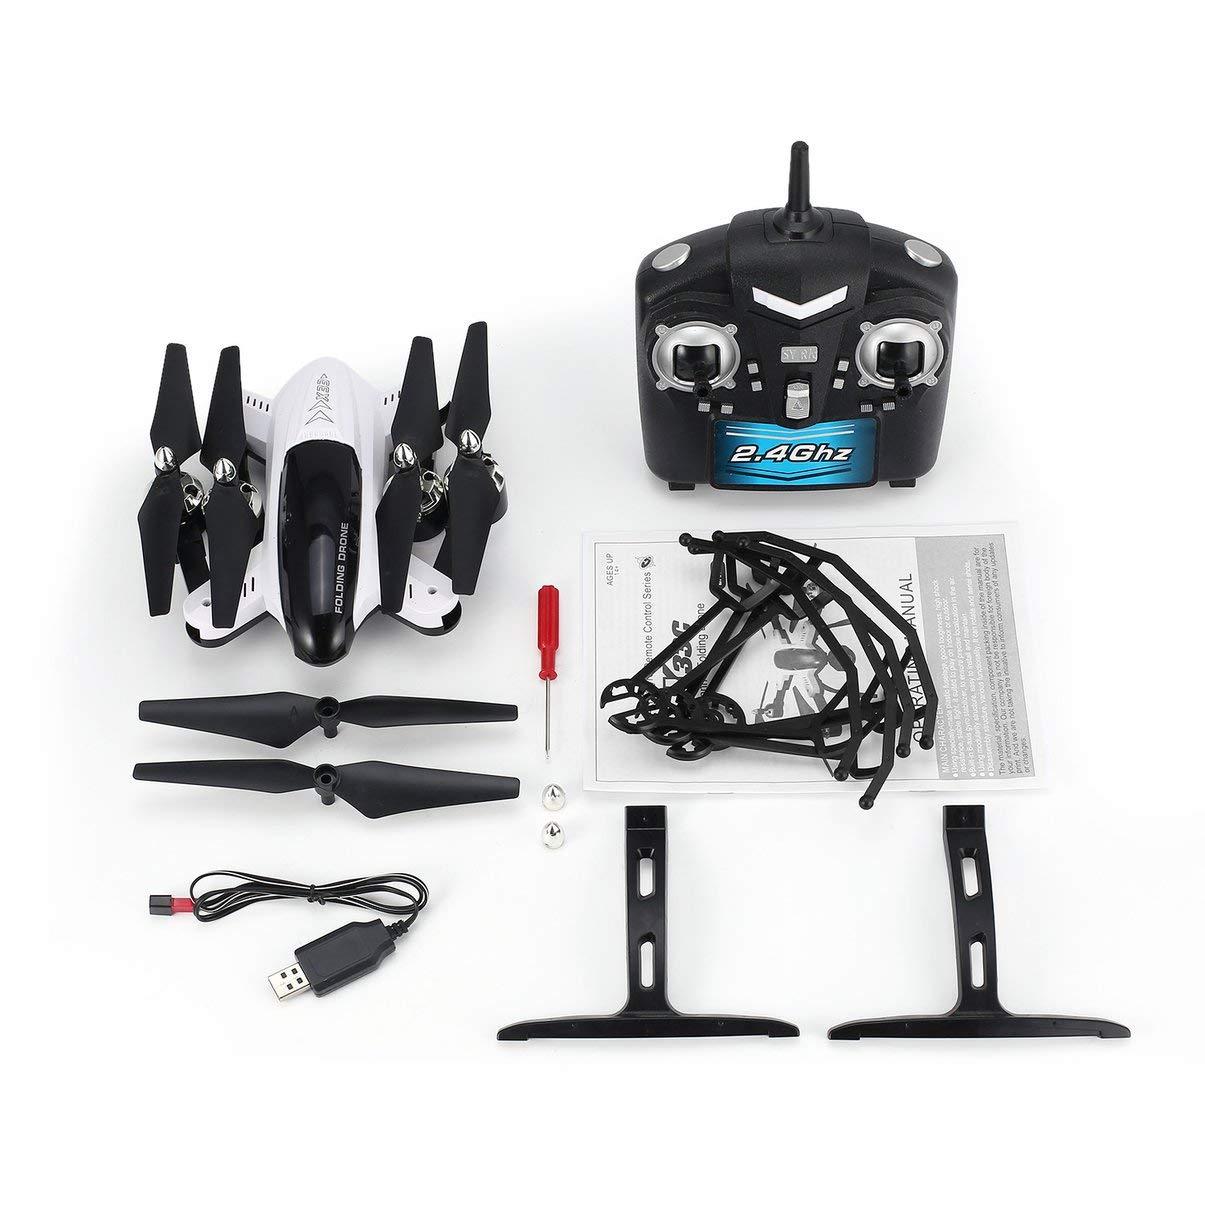 JullyeleDEgant x33c 1 Faltbare Smart RC 2.4G RC Quadrocopter Drohne Flugzeuge mit Höhenstand Headless Modus 3D Schläge EIN Schlüssel zum Abheben